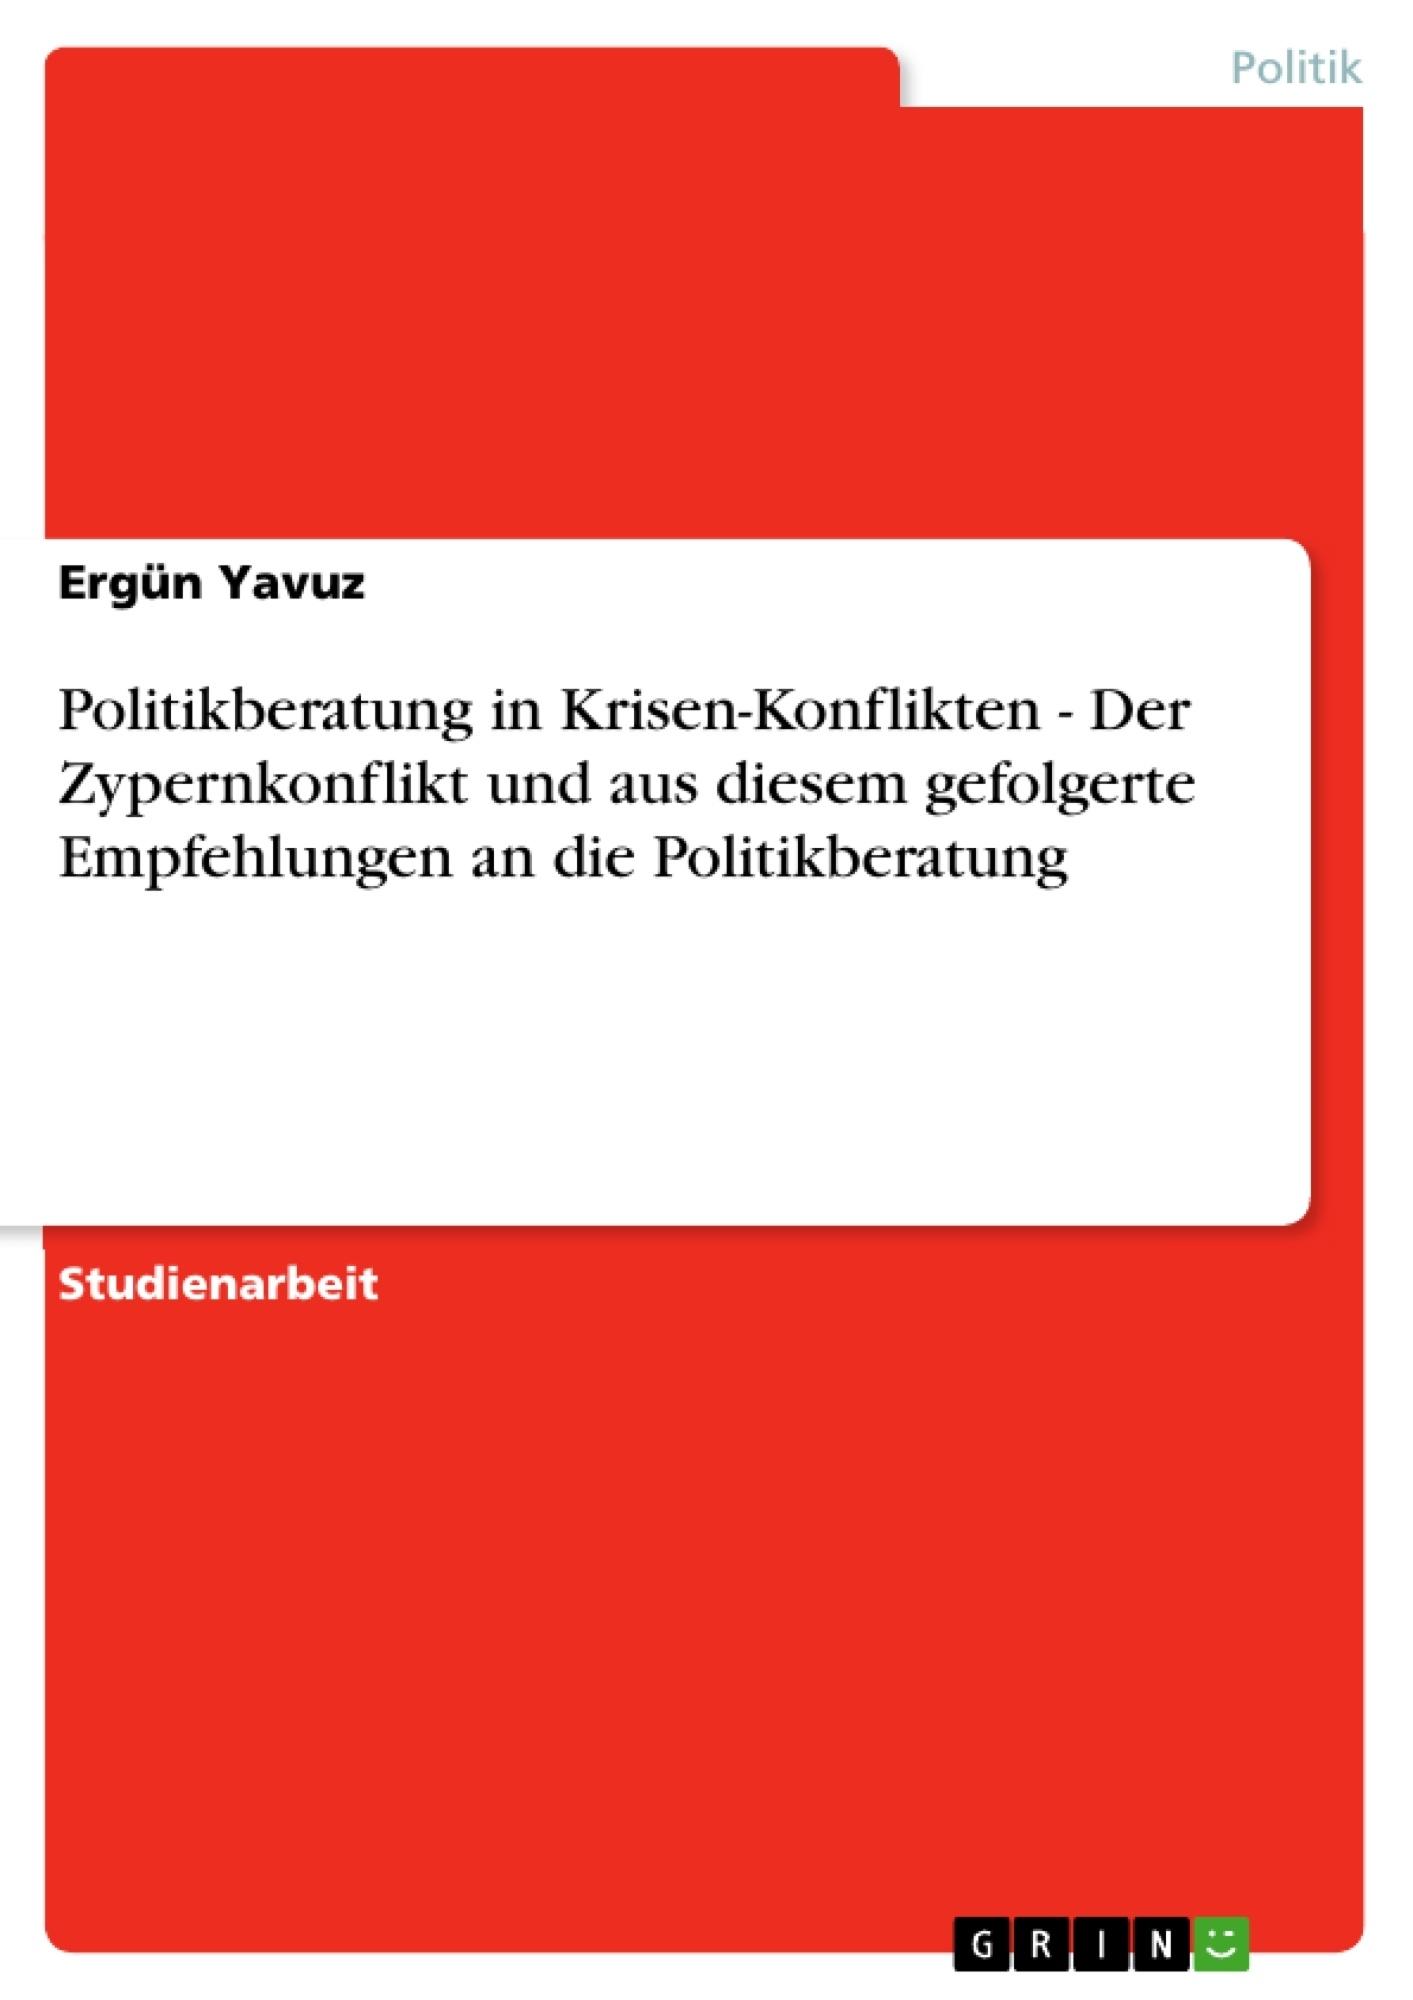 Titel: Politikberatung in Krisen-Konflikten - Der Zypernkonflikt und aus diesem gefolgerte Empfehlungen an die Politikberatung